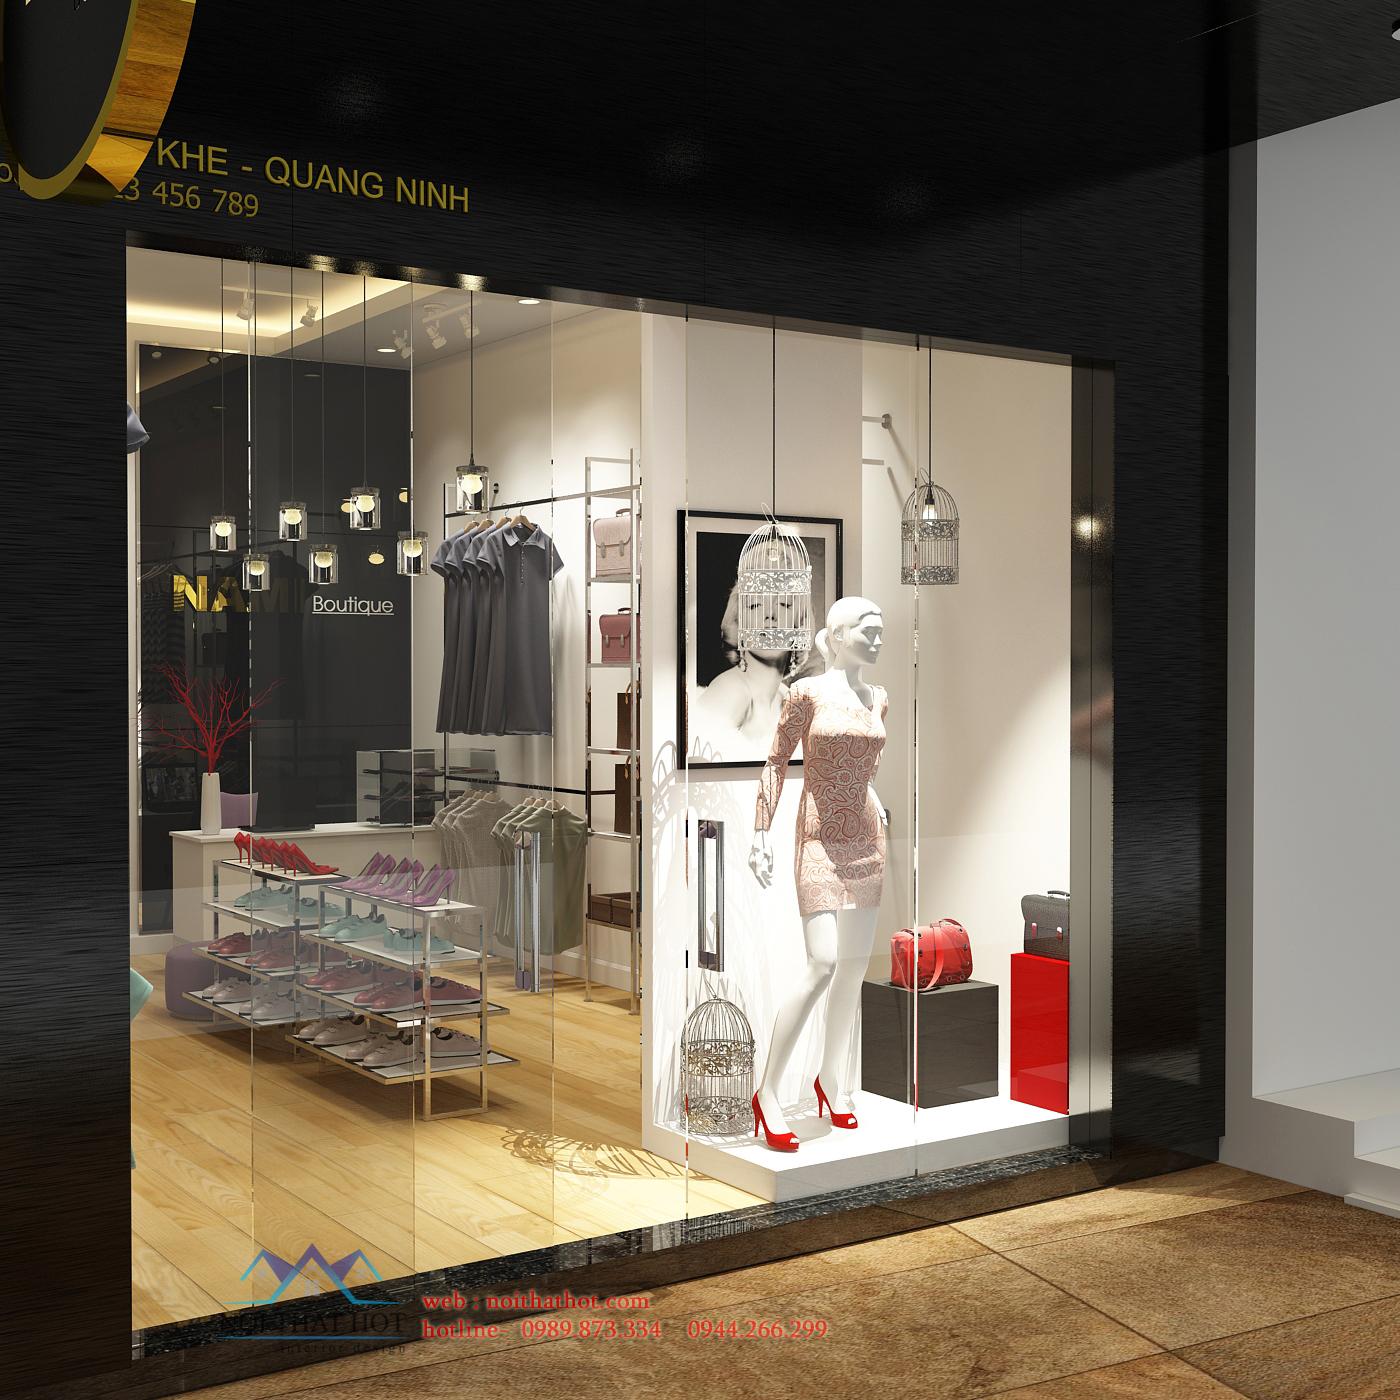 thiết kế cửa hàng quần áo thời trang nữ uy tín